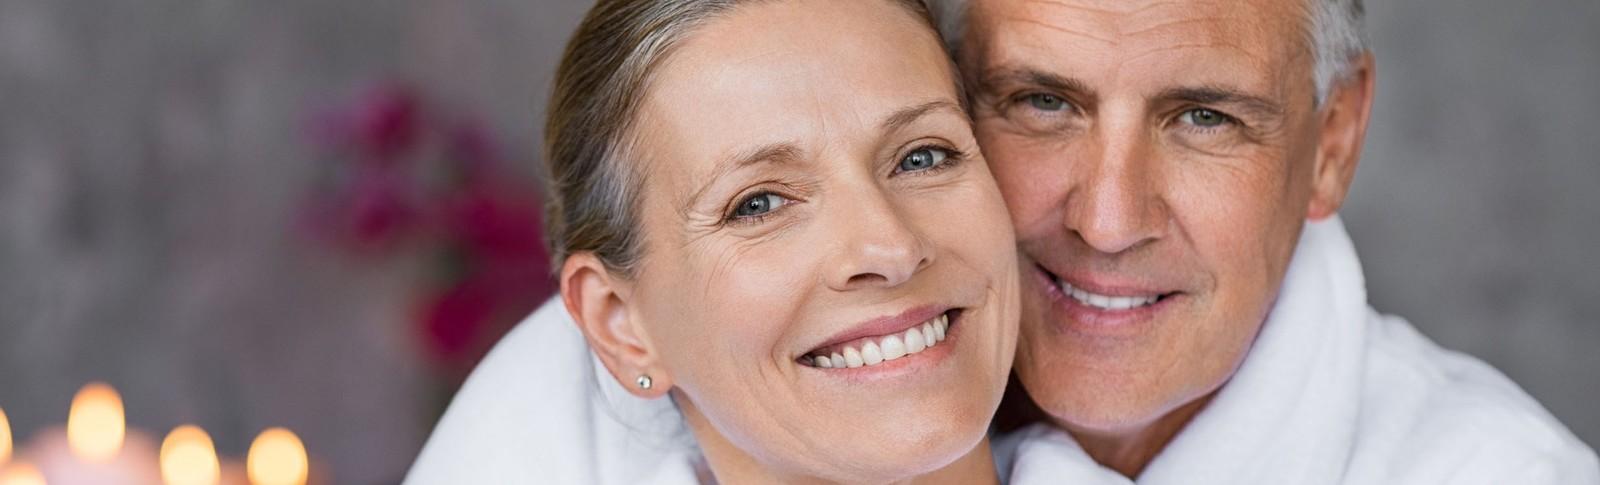 Paar ist nach dem Schlupflieder entfernen in den Moser Kliniken sehr zufrieden